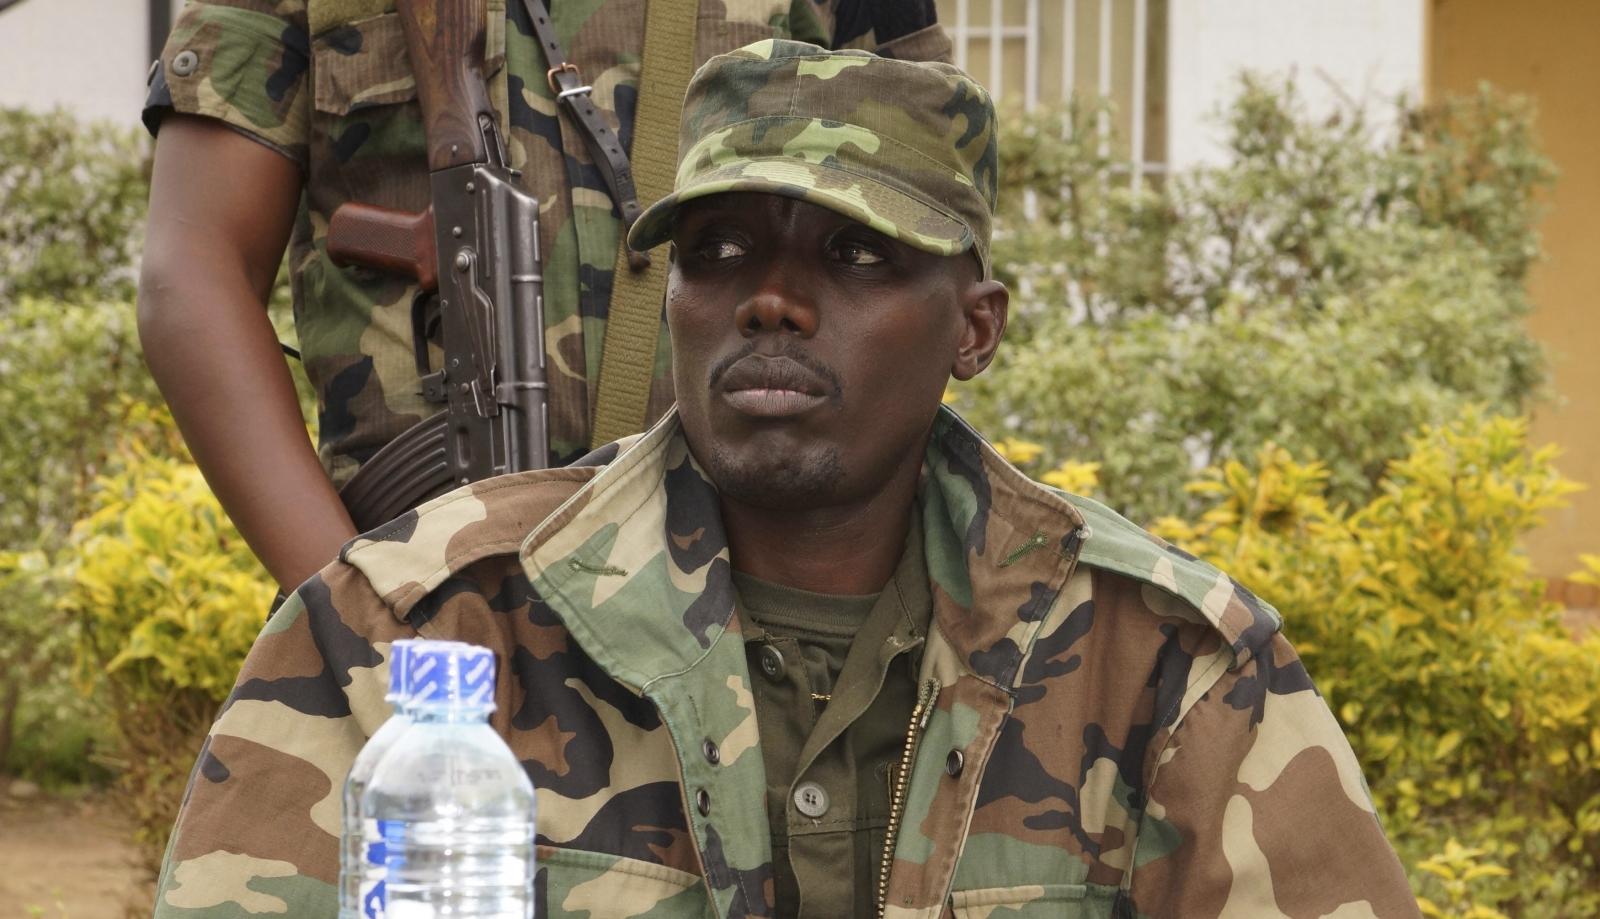 Sultani Makenga, M23 rebel leader